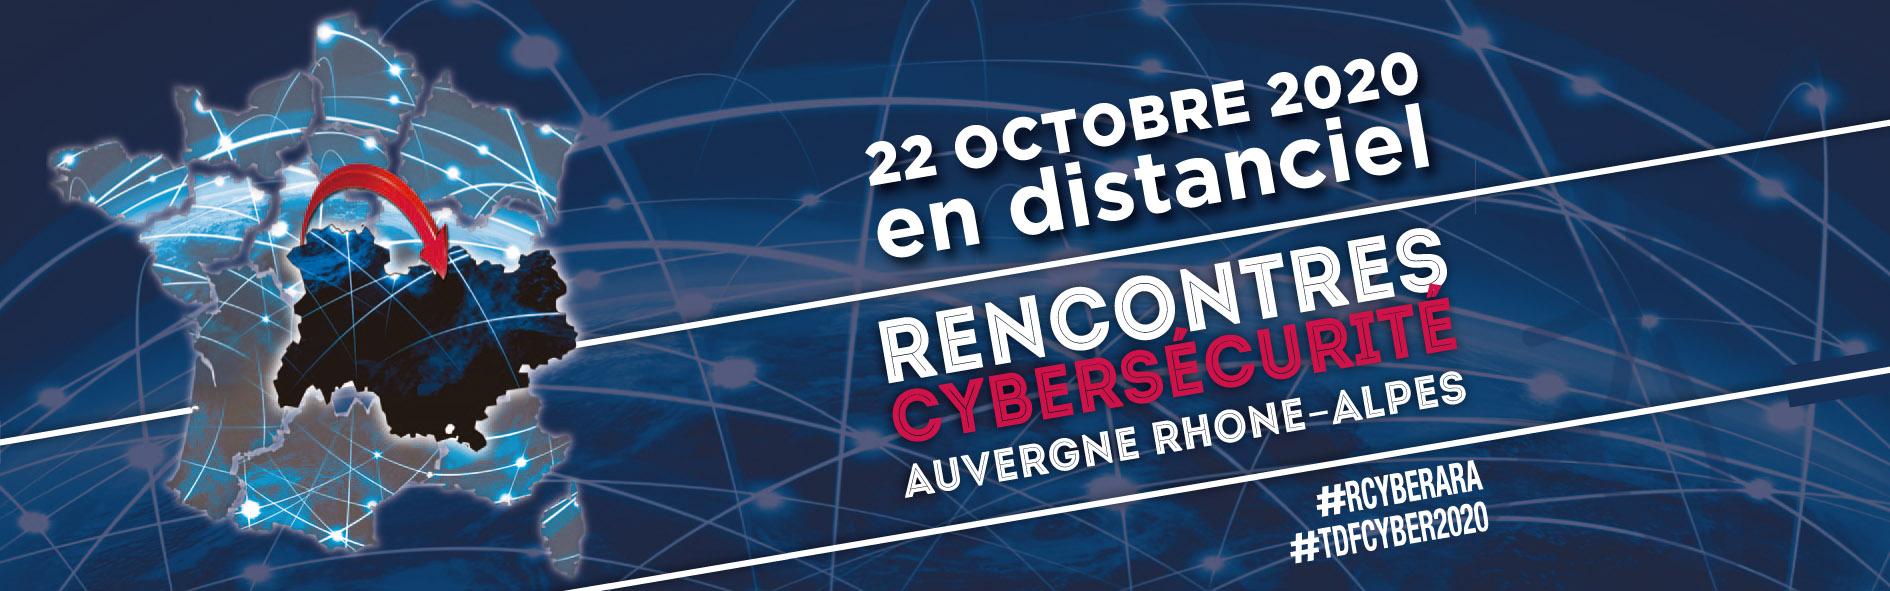 TDFCyber : Le tour de France de la cybersécurité